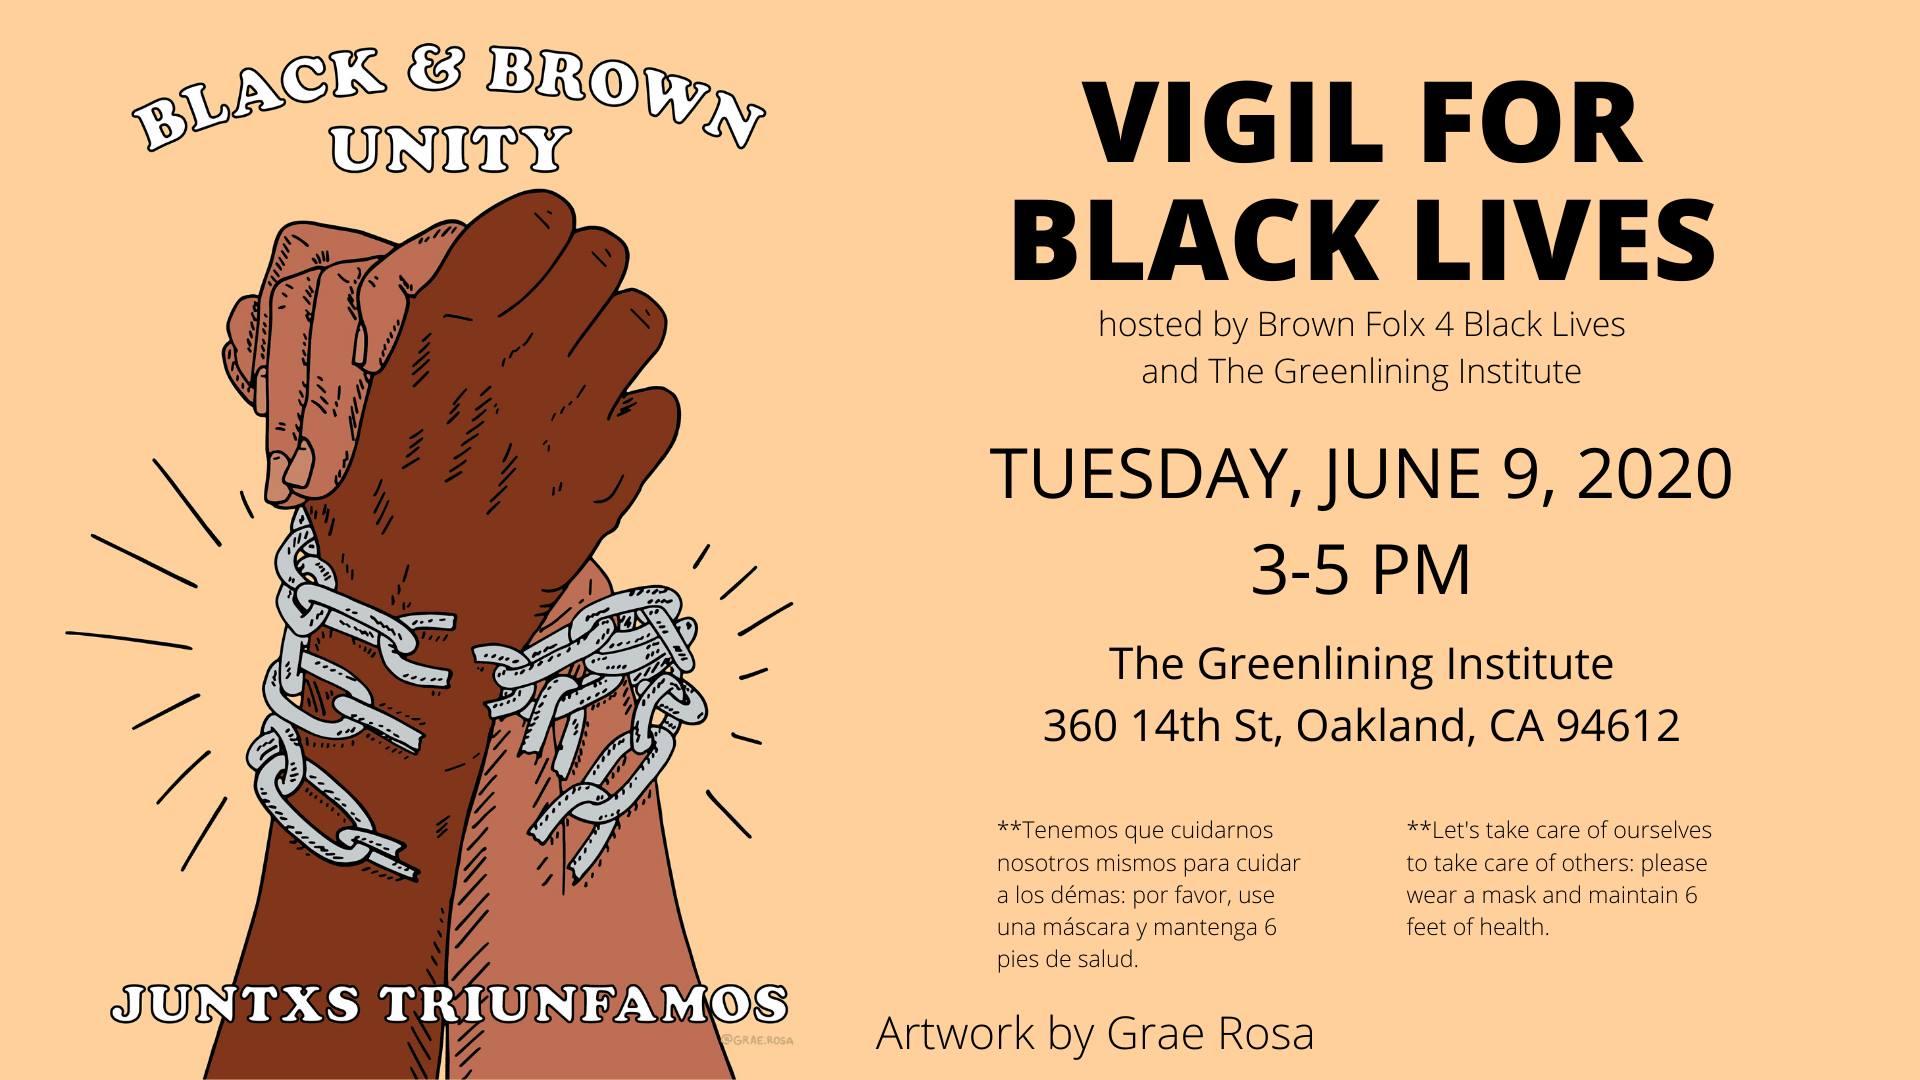 Flyer for Vigil for Black Lives